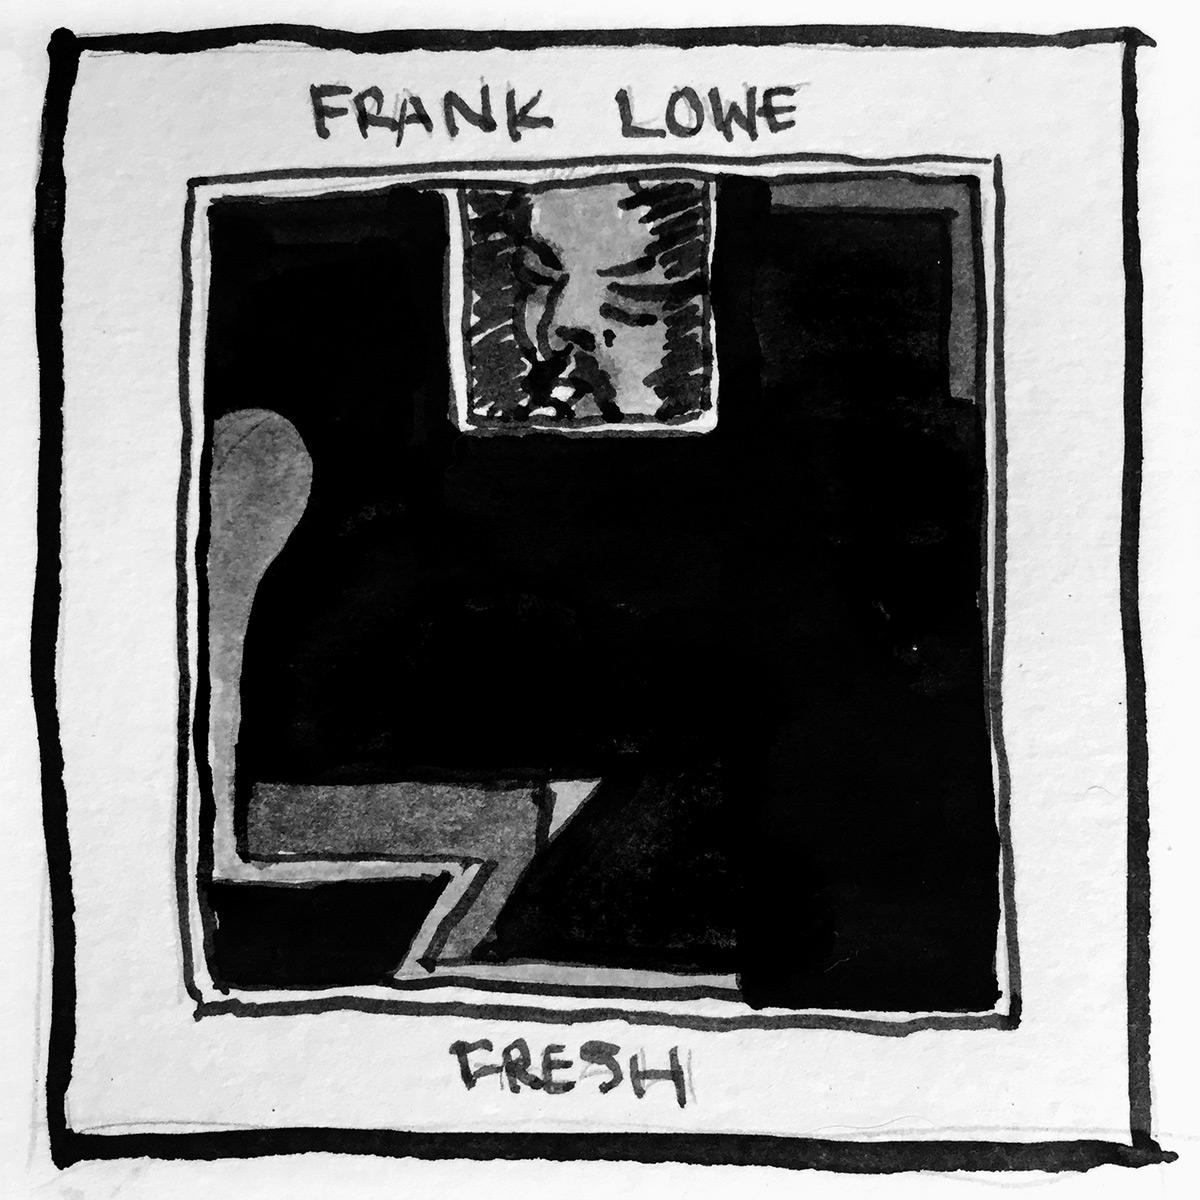 Frank Lowe Fresh